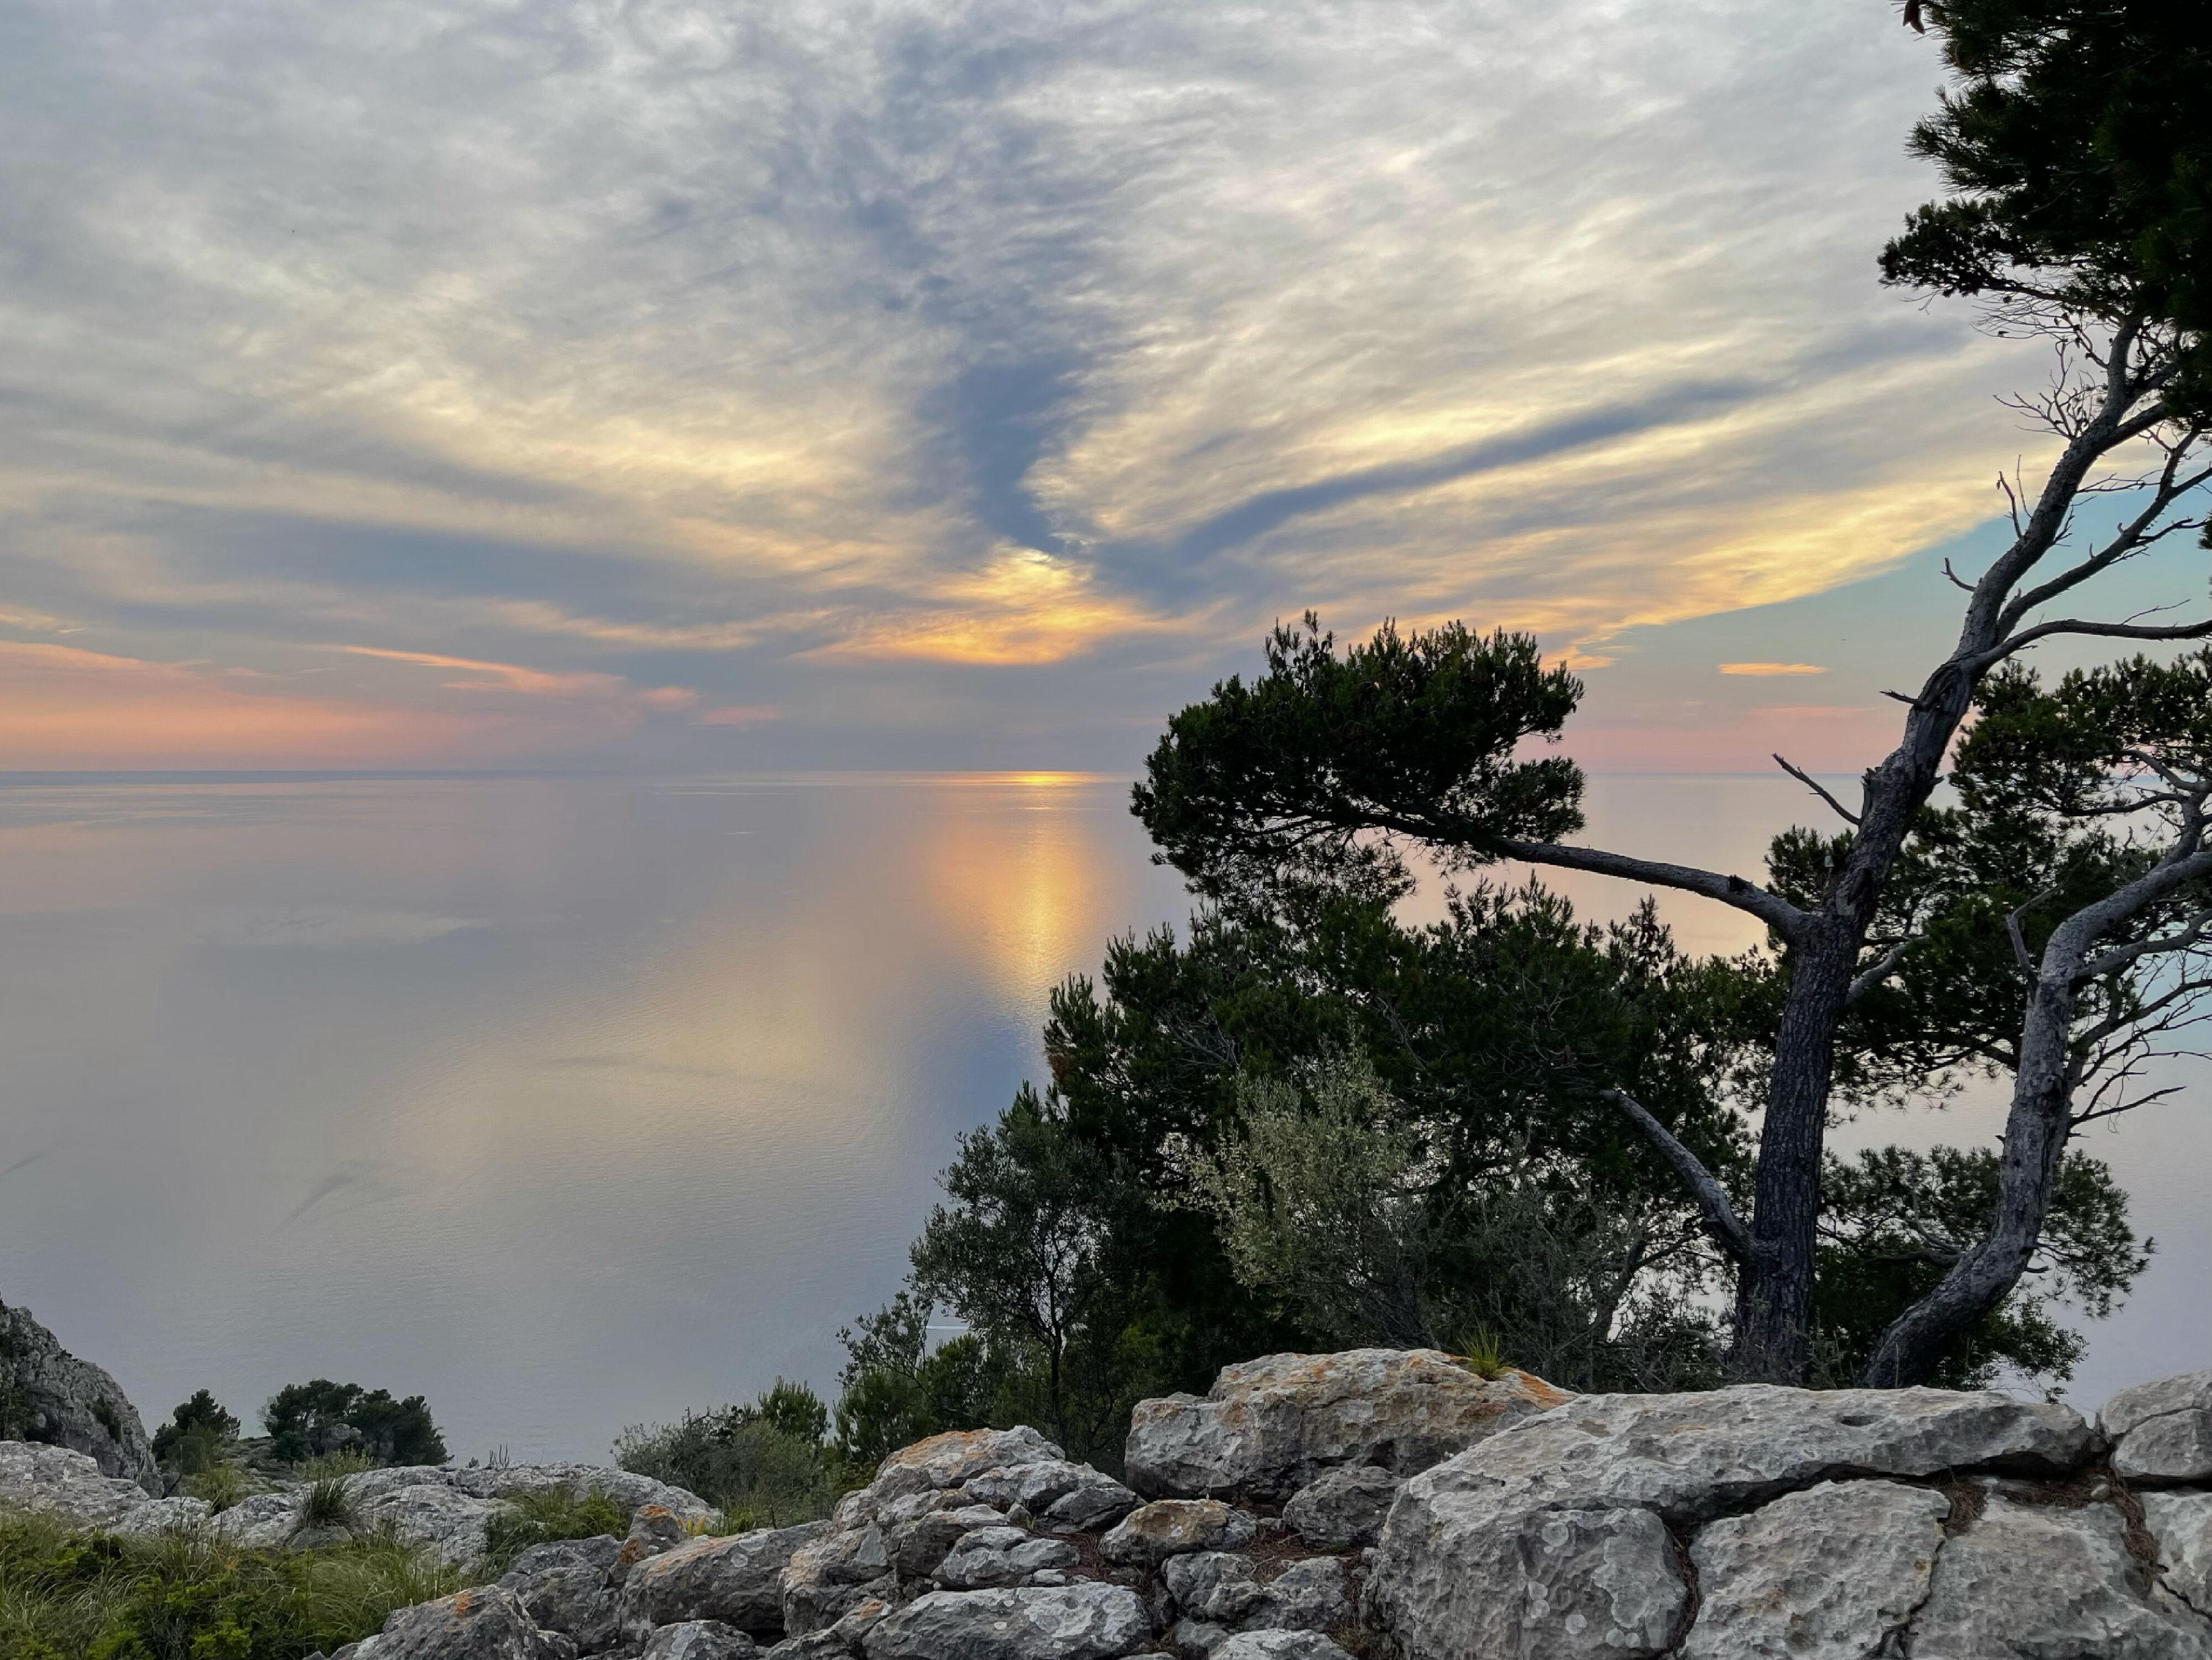 Interessante Wolkenbildungen, aber ein einzigartiger Sonnenuntergang war nicht zu erwarten.